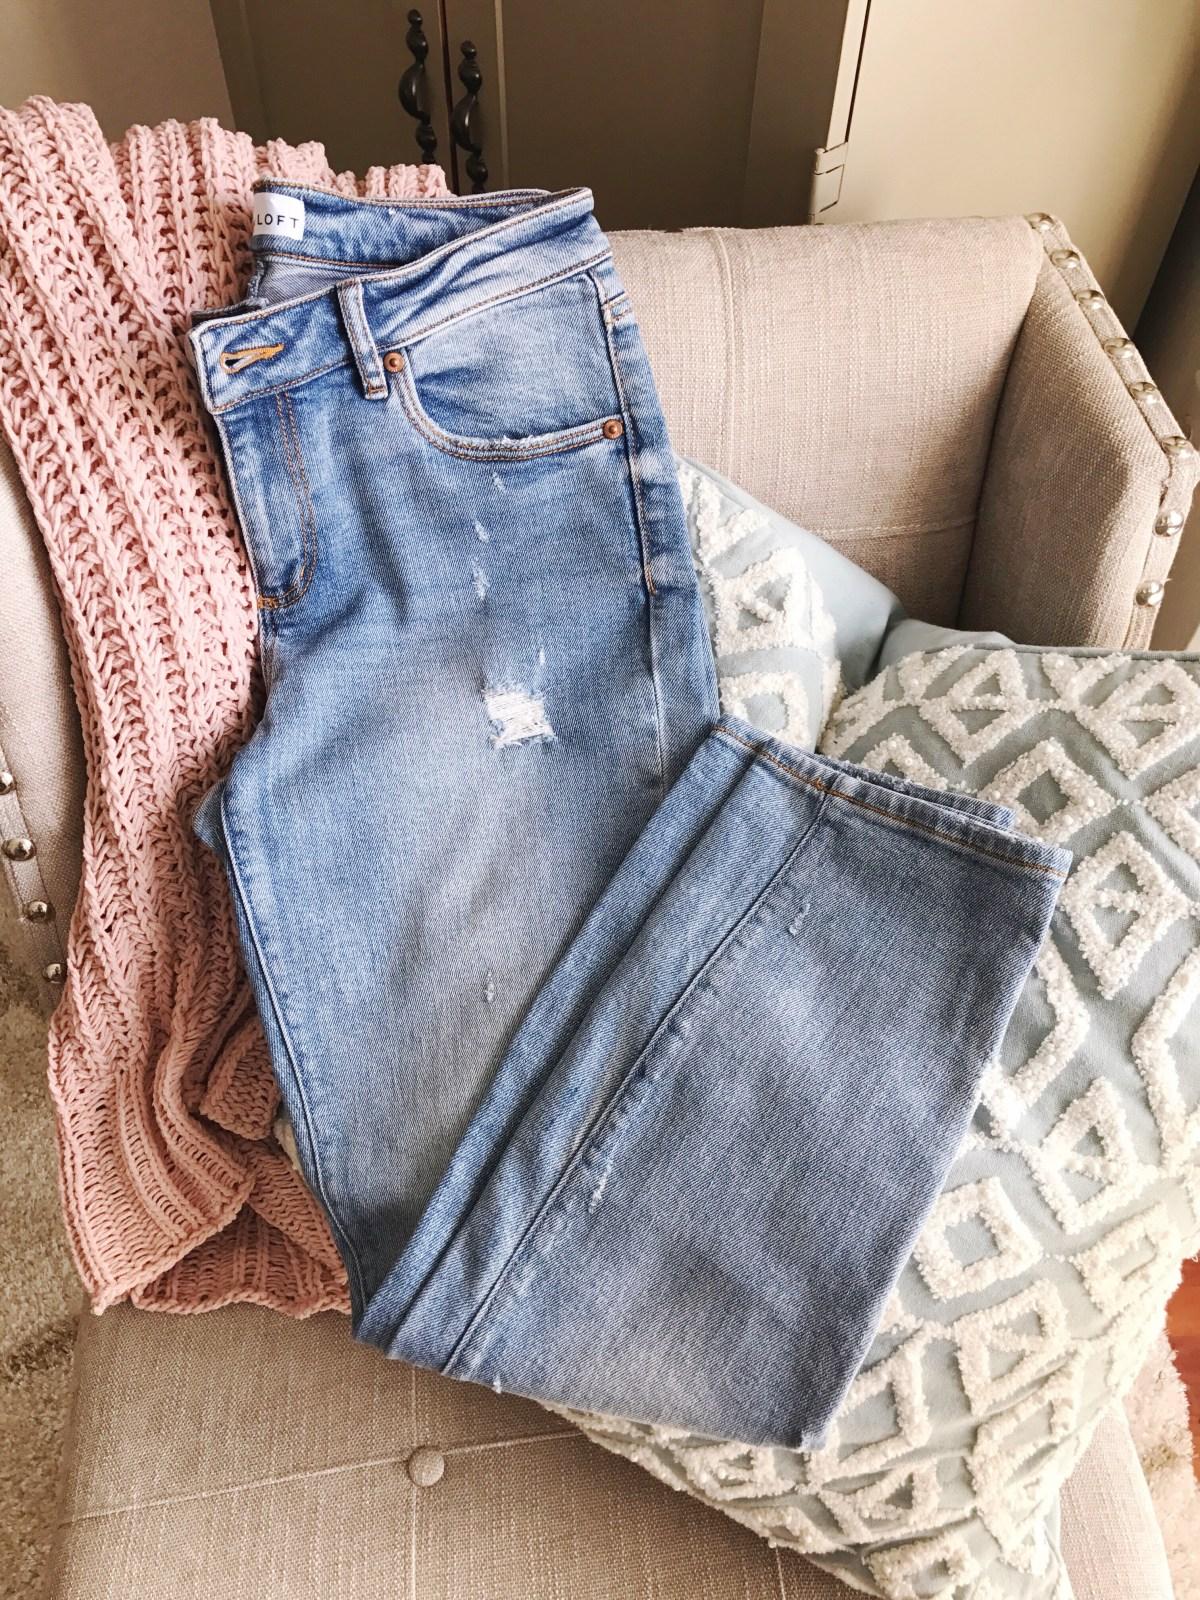 Loft Modern Skinny Crop Jeans in Destructed Light Indigo Wash, summer jeans